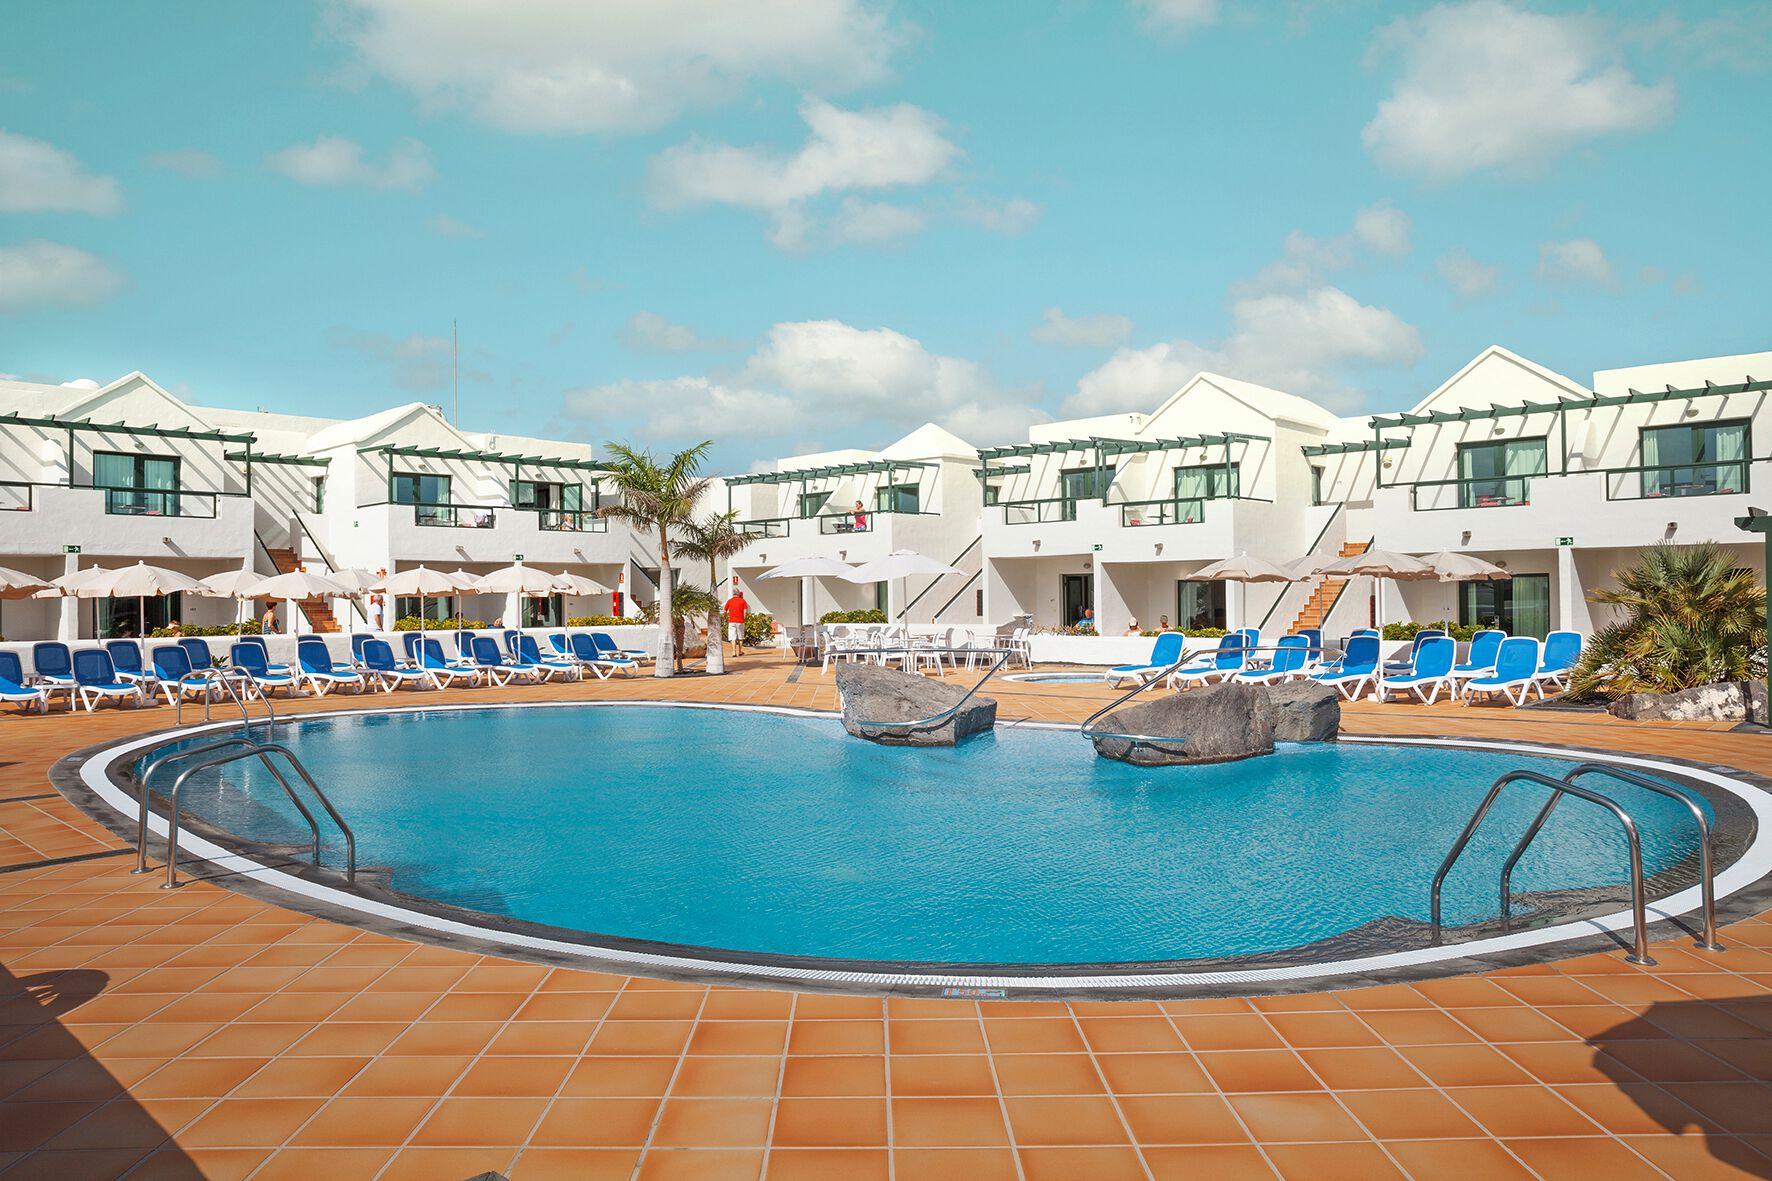 Séjour Lanzarote - Hotel Pocillos Playa - 4*